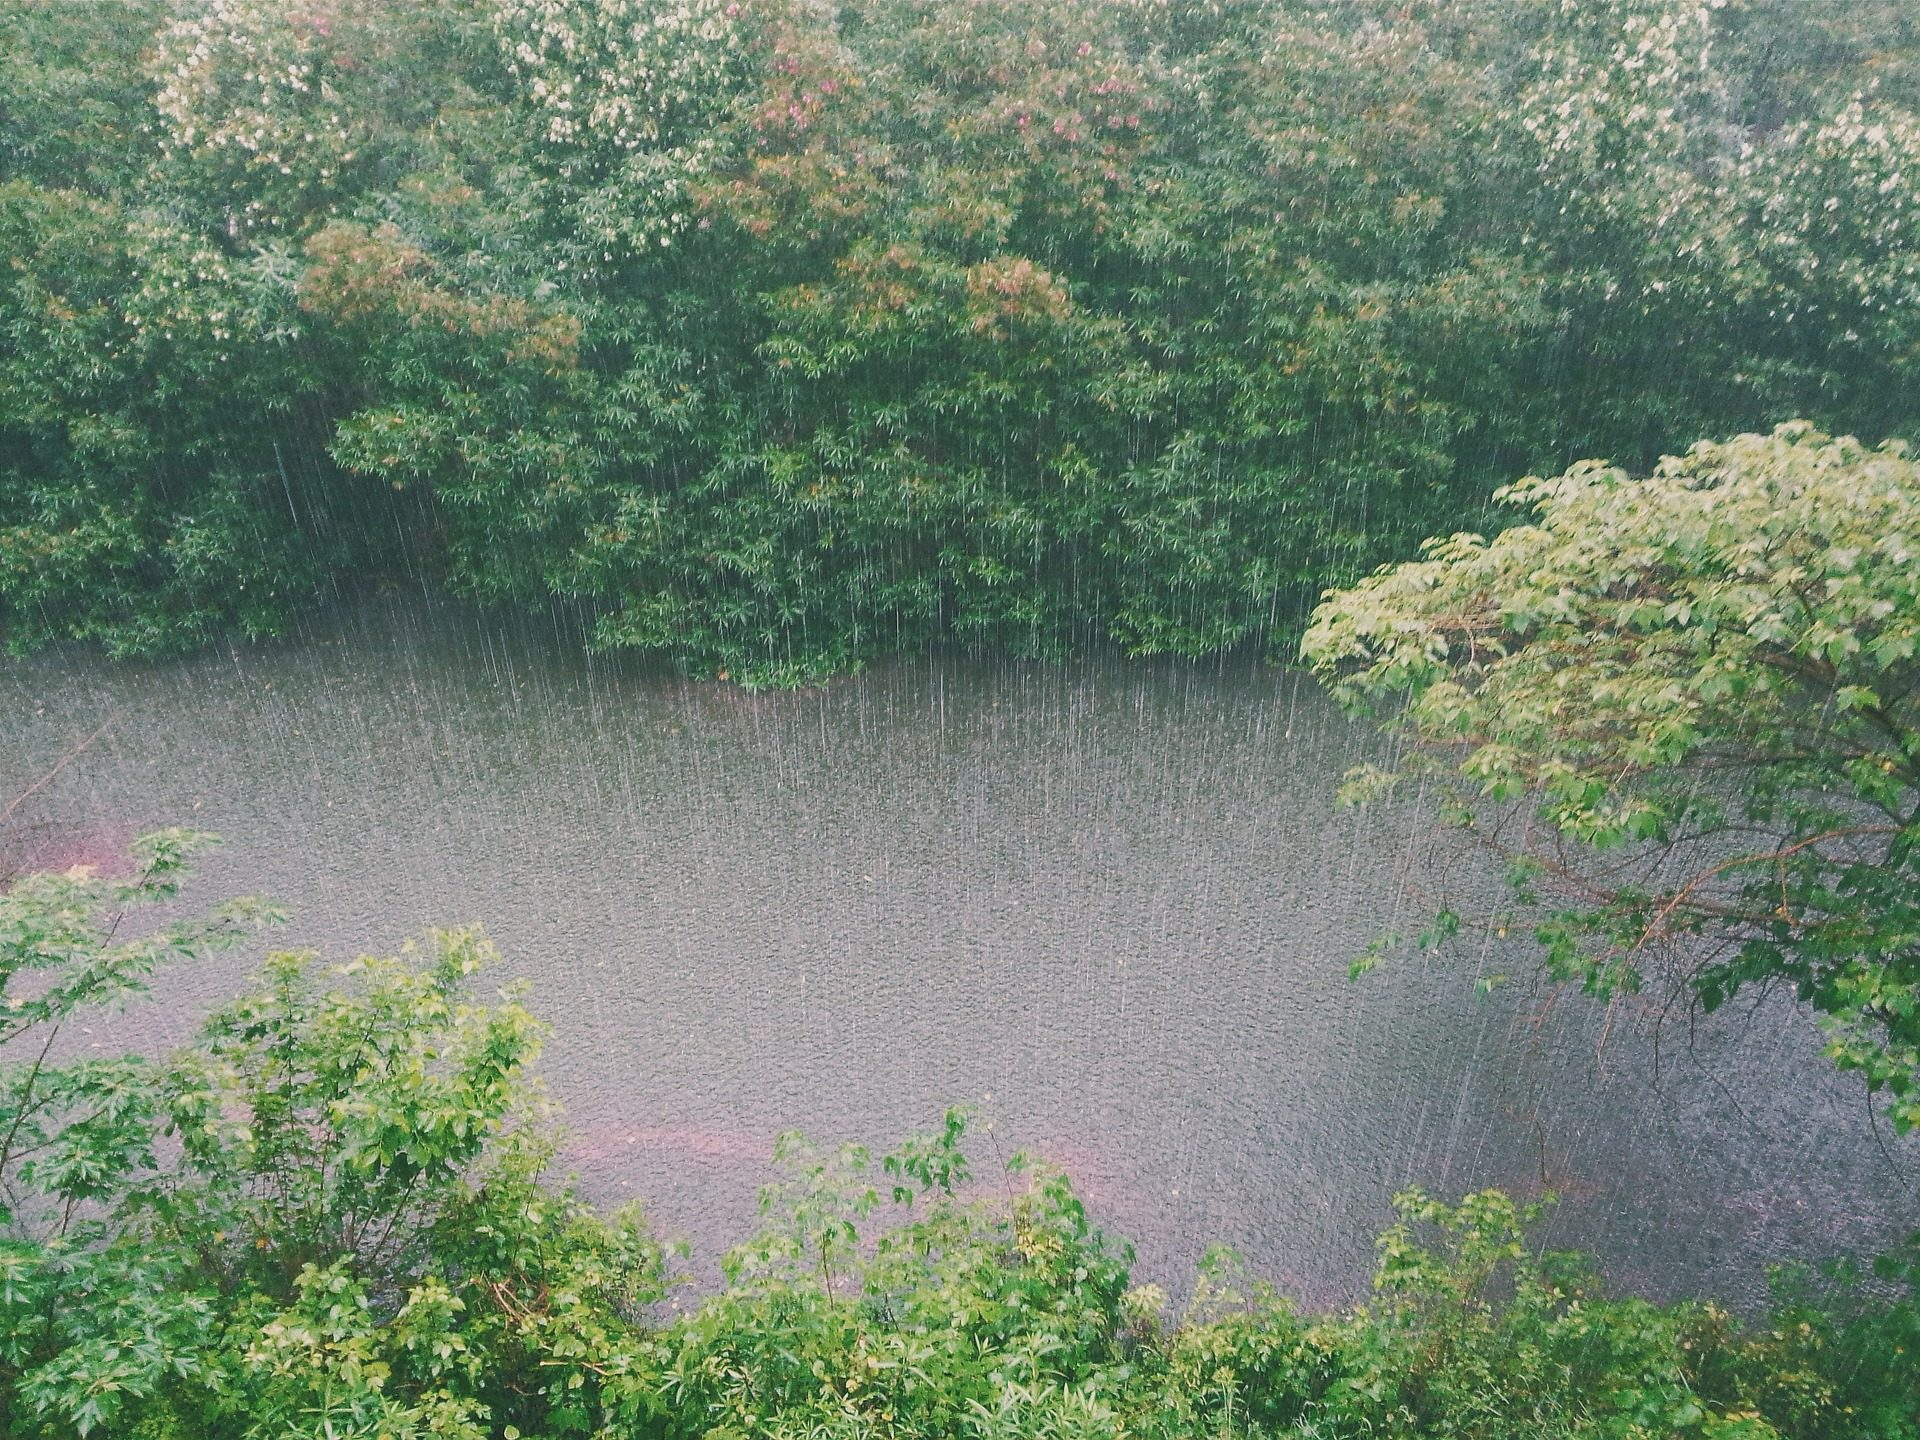 'อุตุฯ' จ่อประกาศเข้าหน้าฝนอย่างเป็นทางการสัปดาห์หน้า